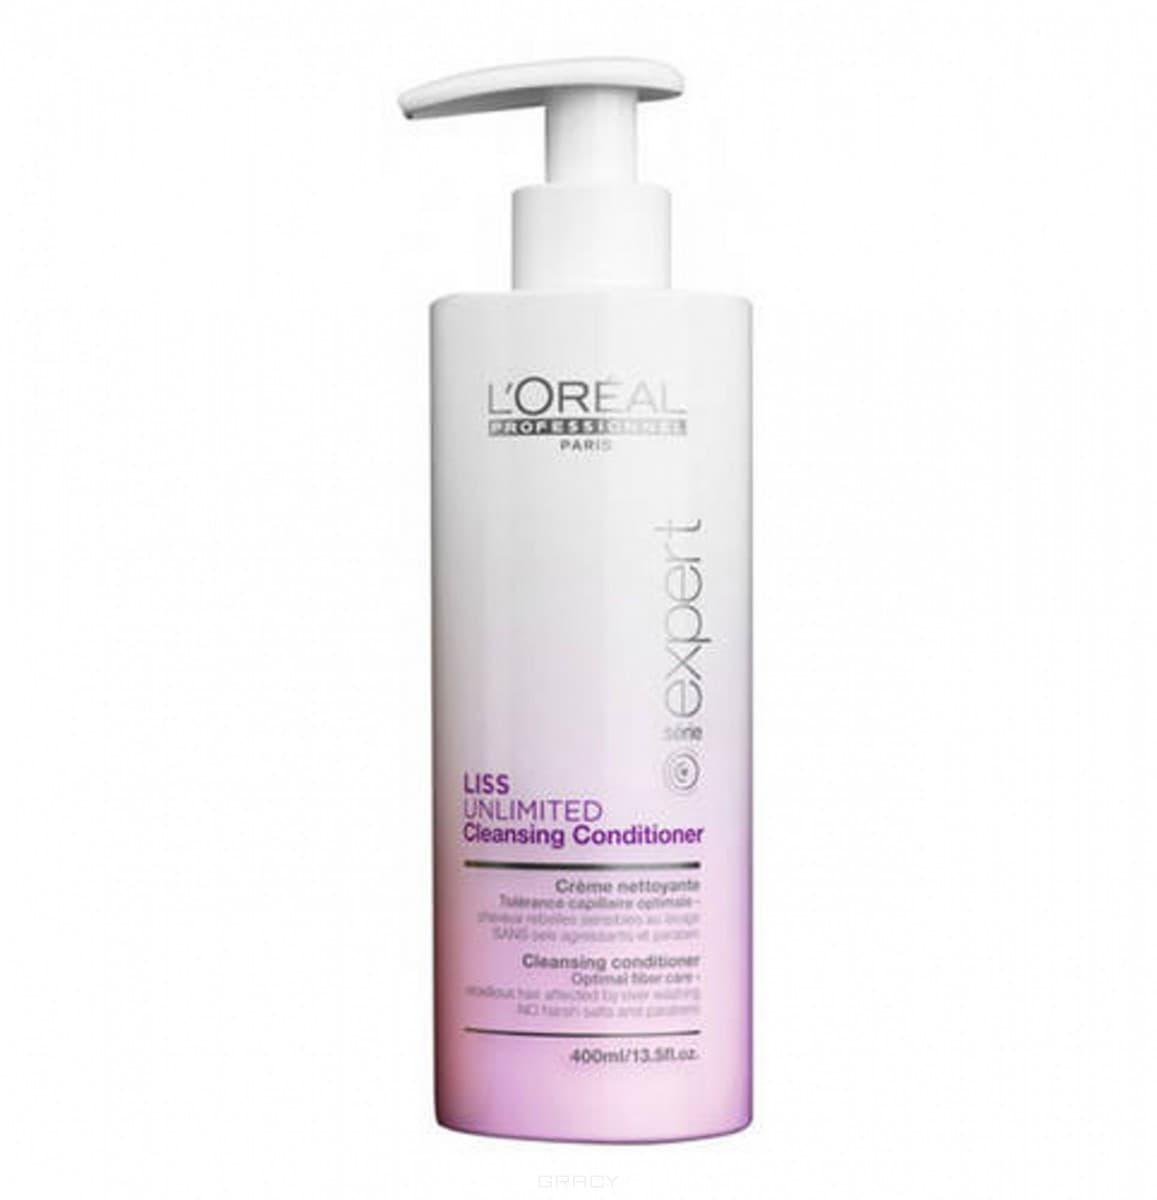 L'Oreal Professionnel Очищающий кондиционер для чувствительных непослушных волос Liss Unlimited Conditioner, 400 мл